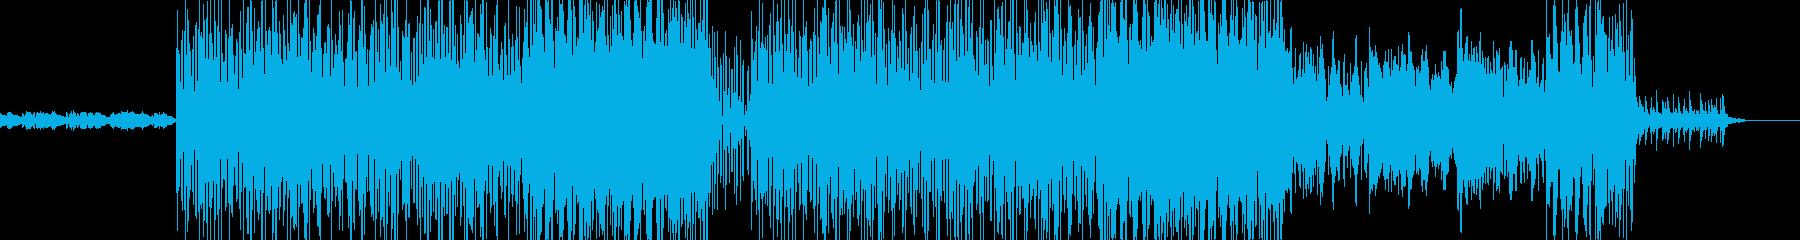 インディー 説明的 楽しげ 希望的...の再生済みの波形